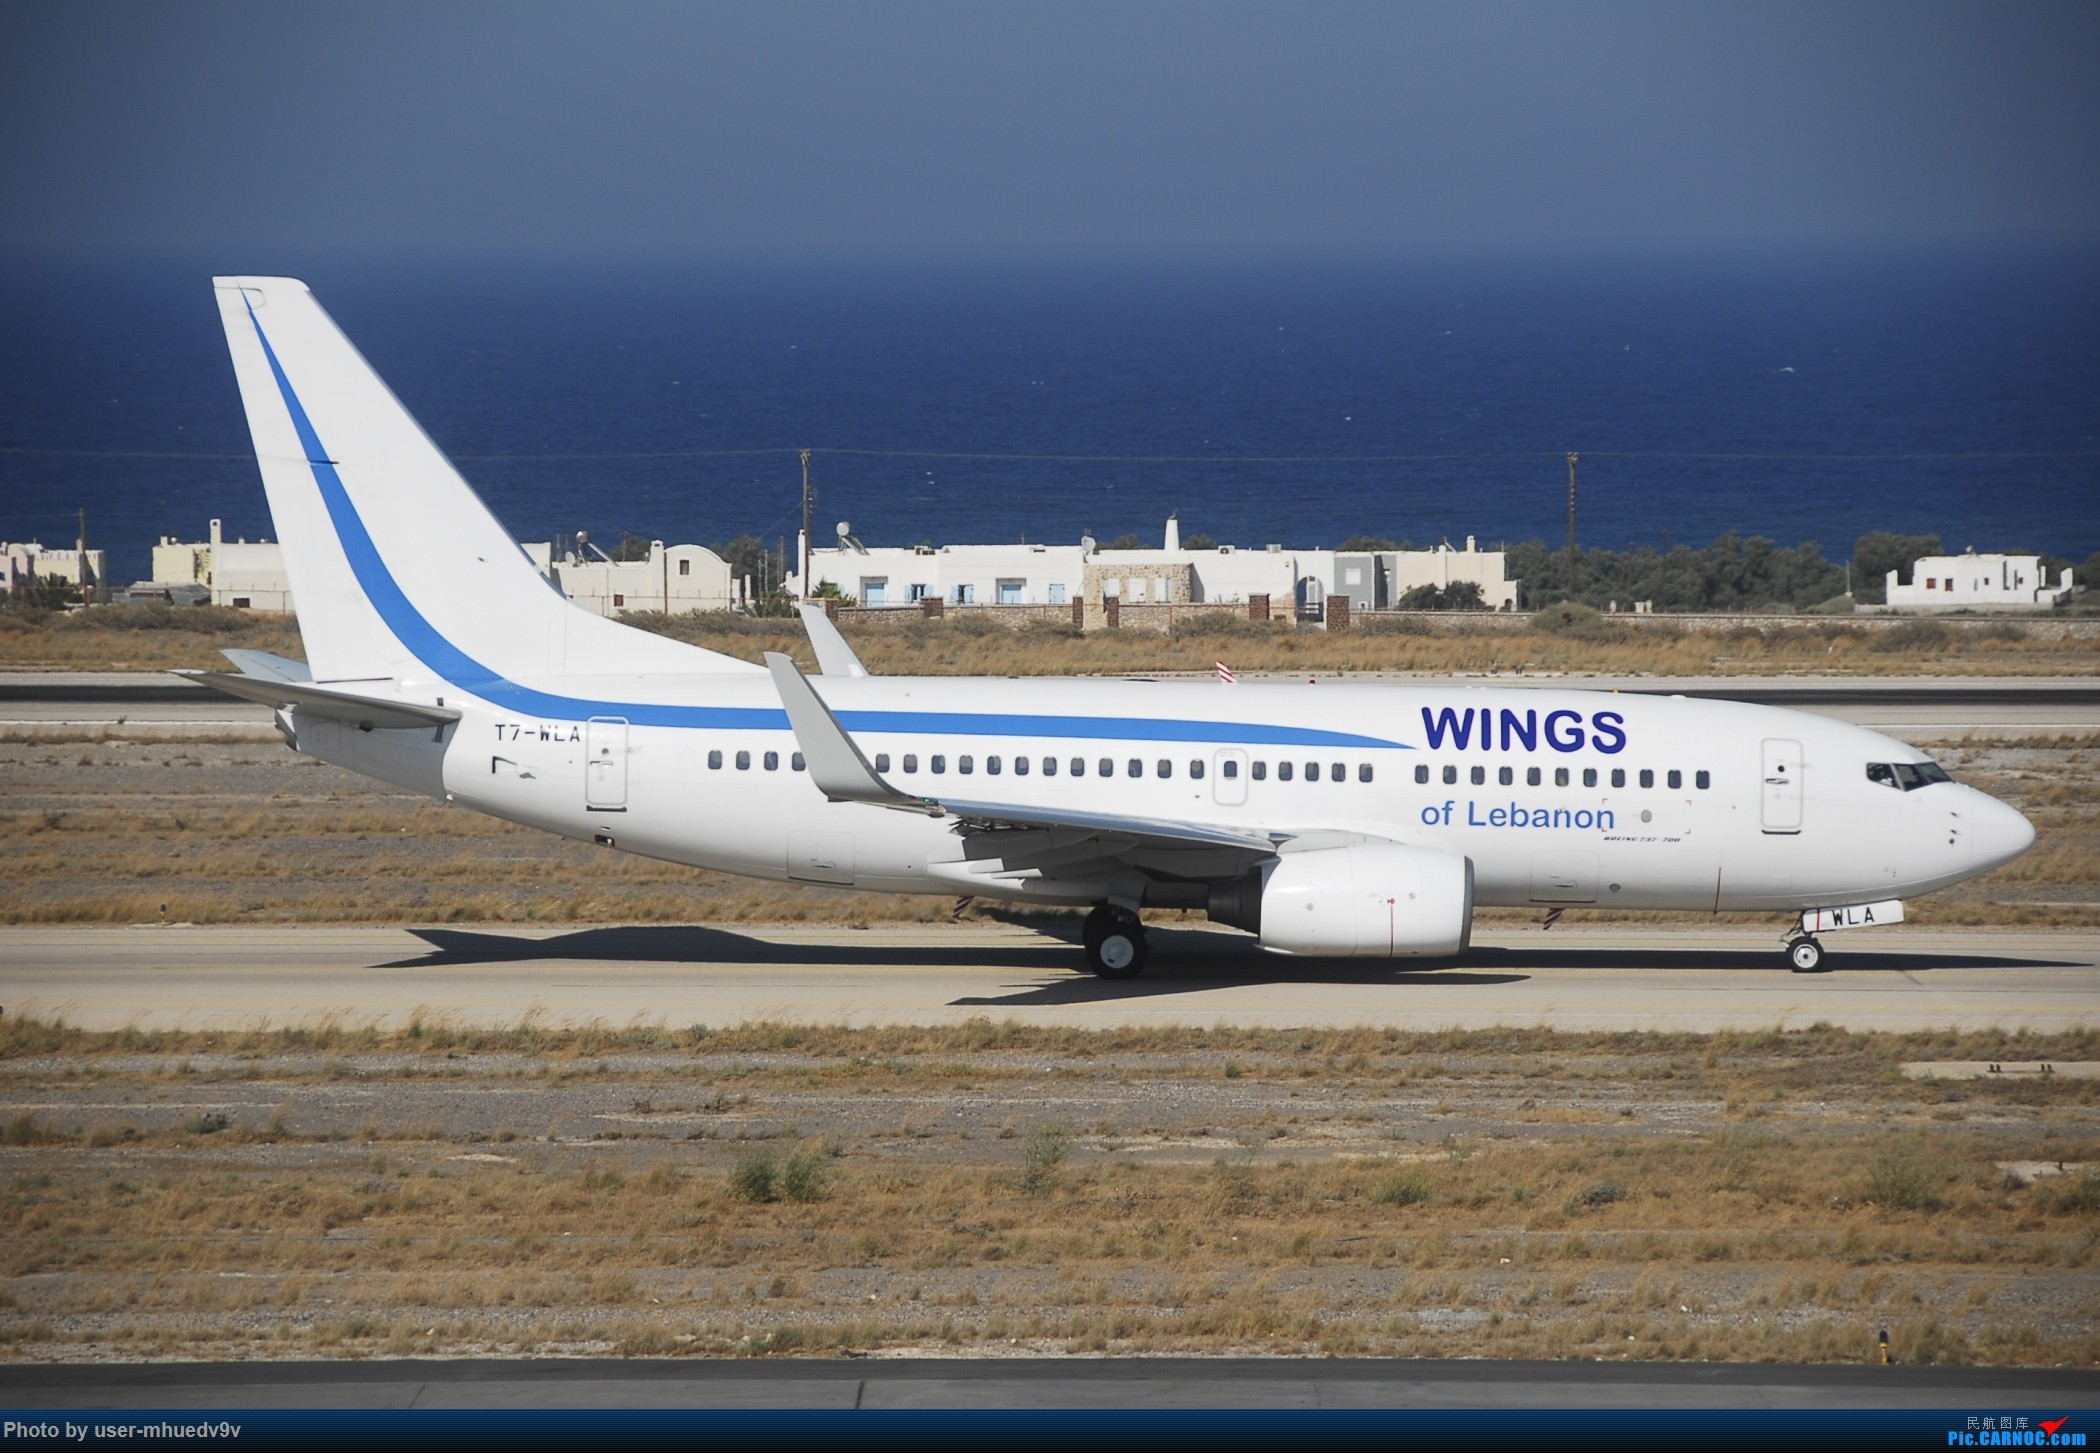 Re:[原创]暑假旅拍(旅途中拍机。。。) BOEING 737-700 T7-WLA 希腊圣托里尼机场